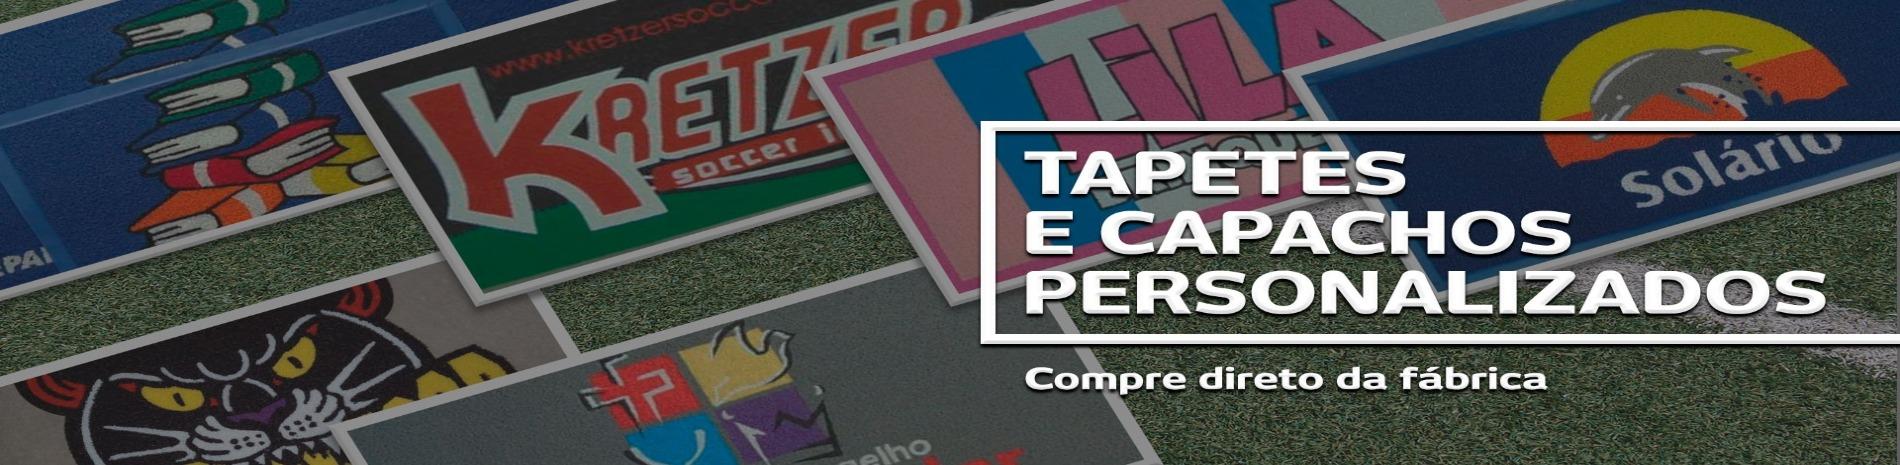 Capachos-e-tapetes-personalizados-Direto-Fabrica-Grupo-Inova